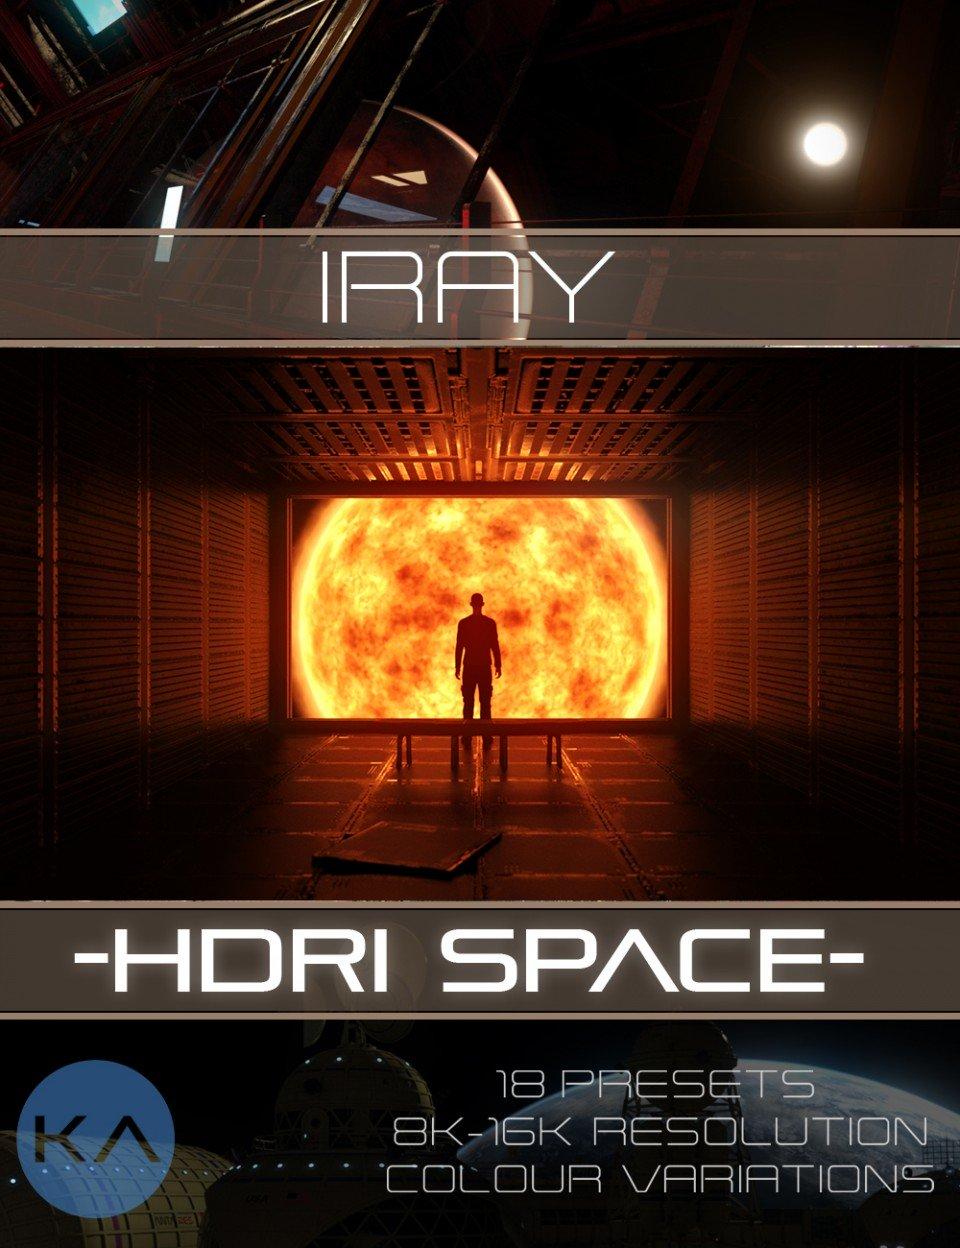 Iray HDRI Space_DAZ3D下载站